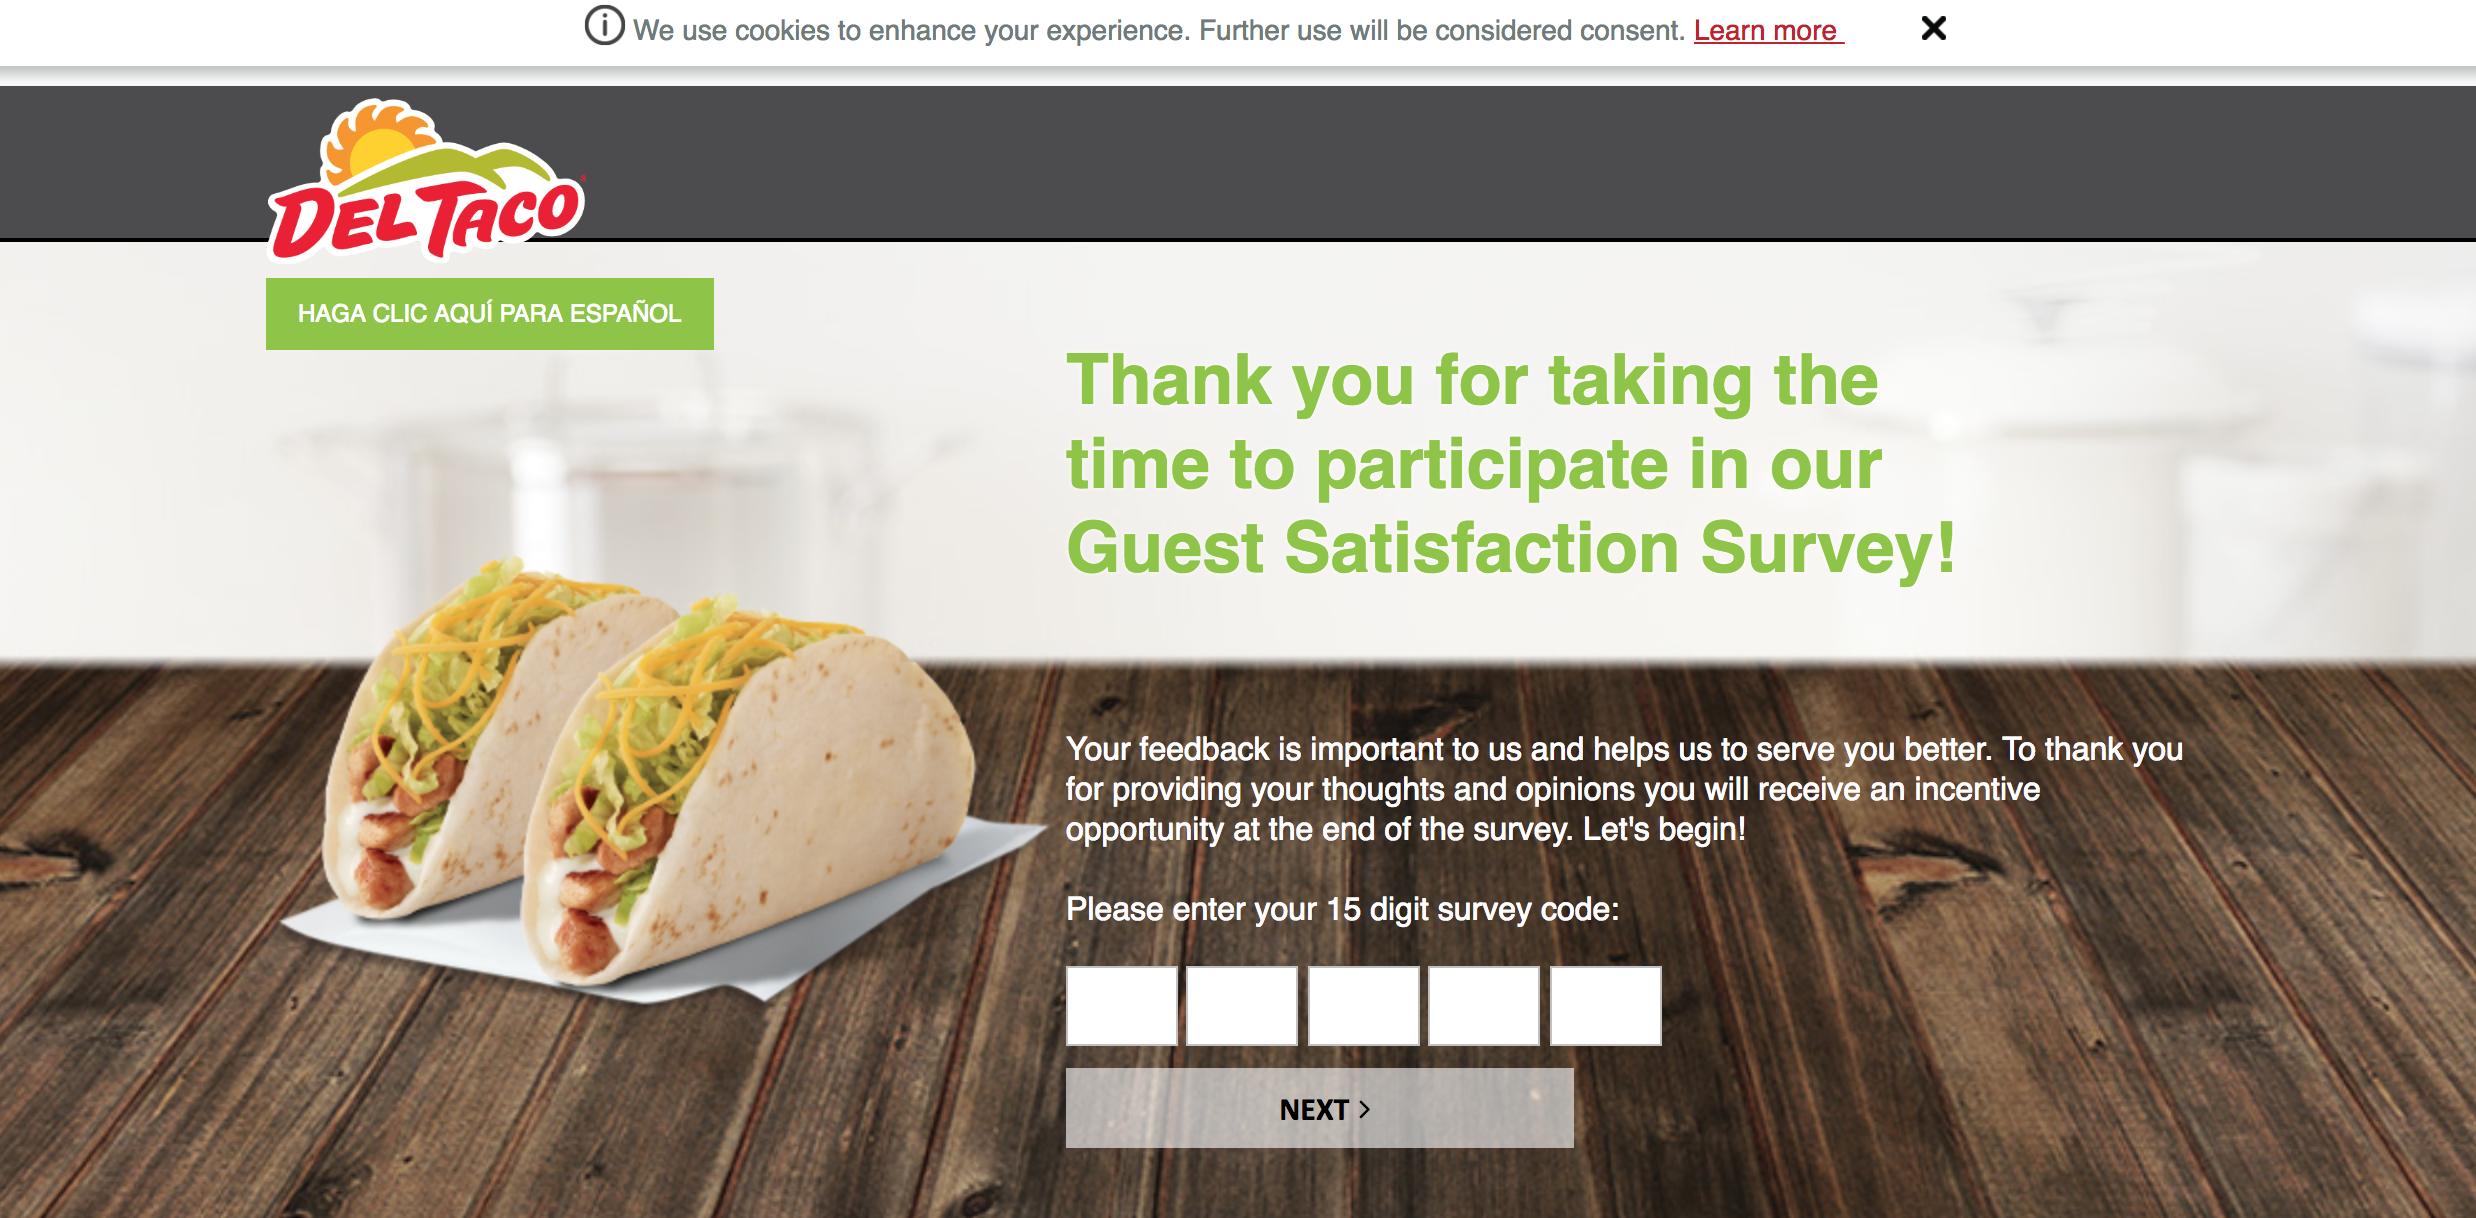 Deltaco survey